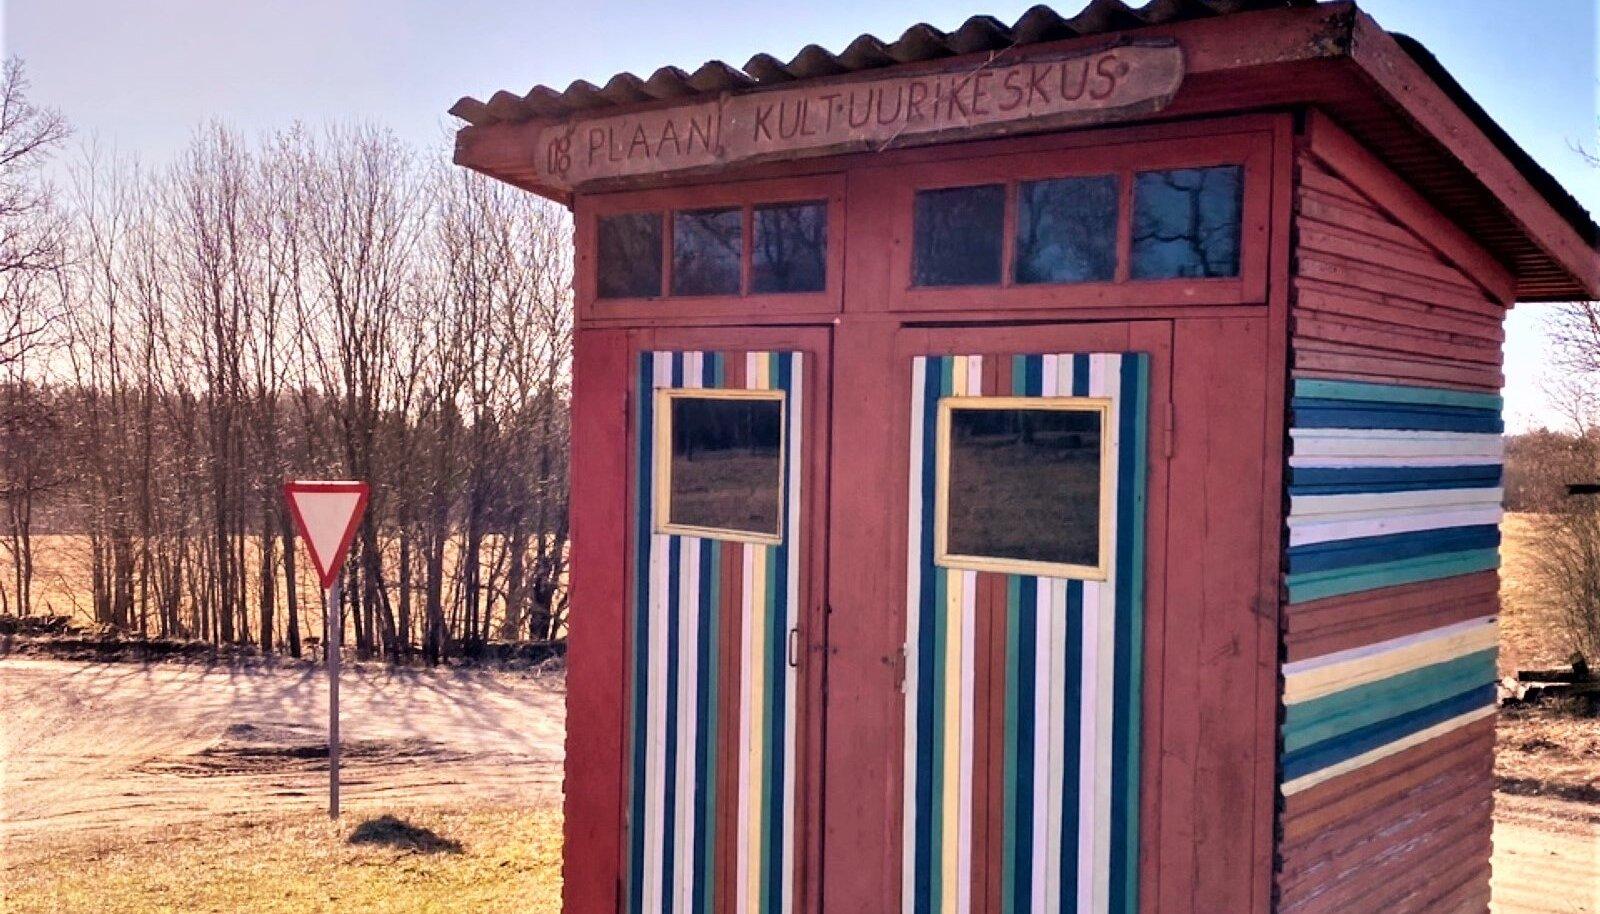 Plaani küla kultuurikeskus - koroonabaar